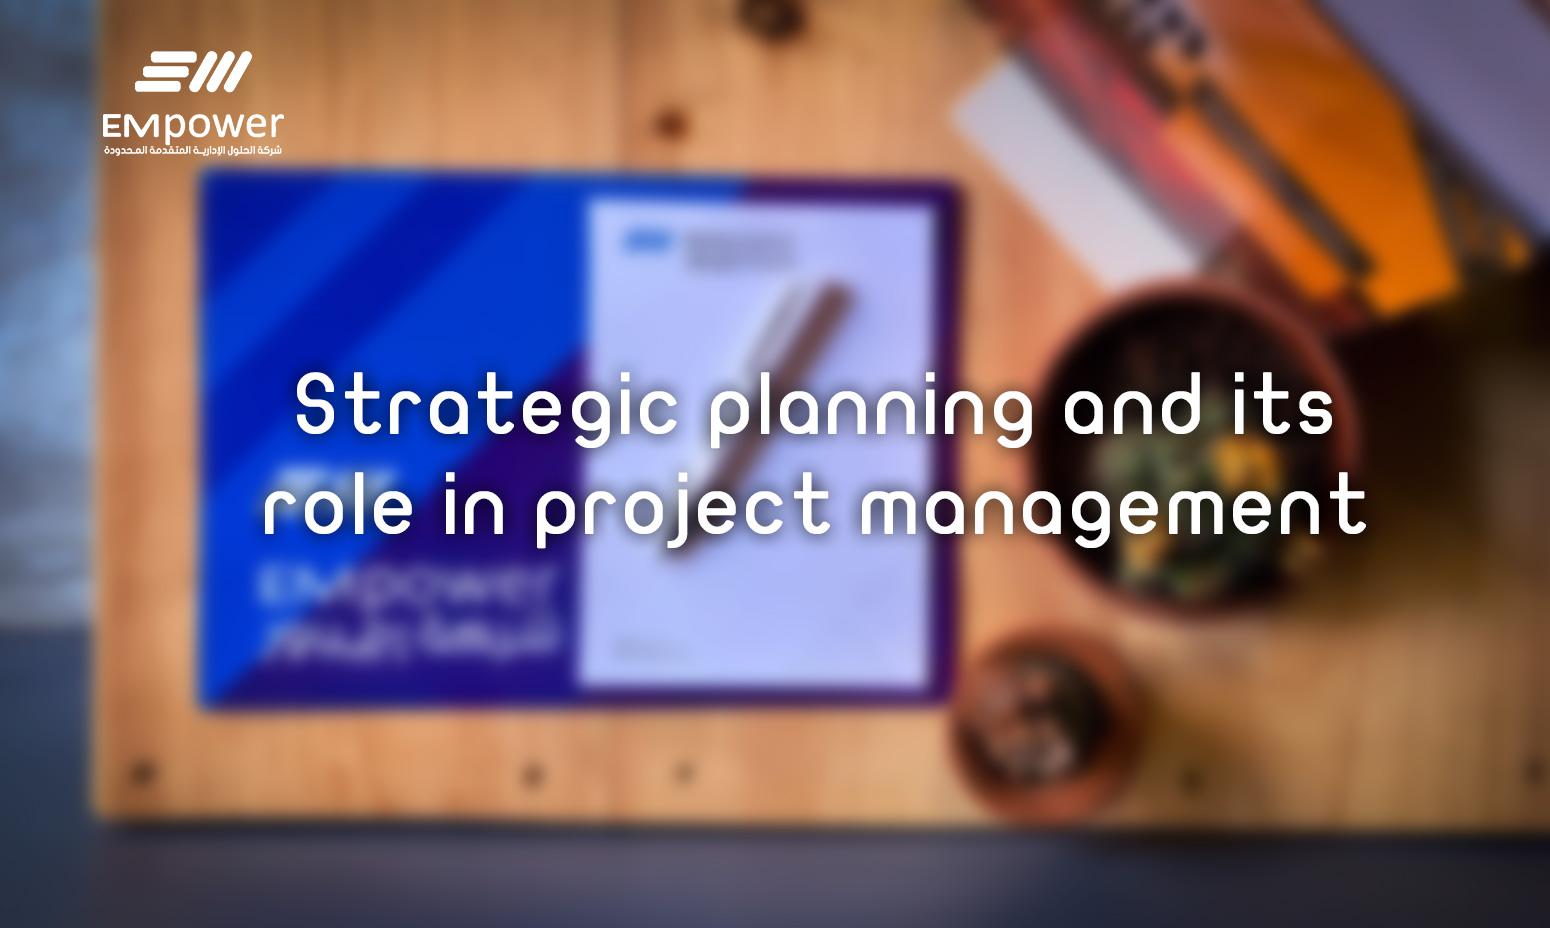 المقالات في الموقع - التخطيط الاستراتيجي ودوره في إدارة المشاريع